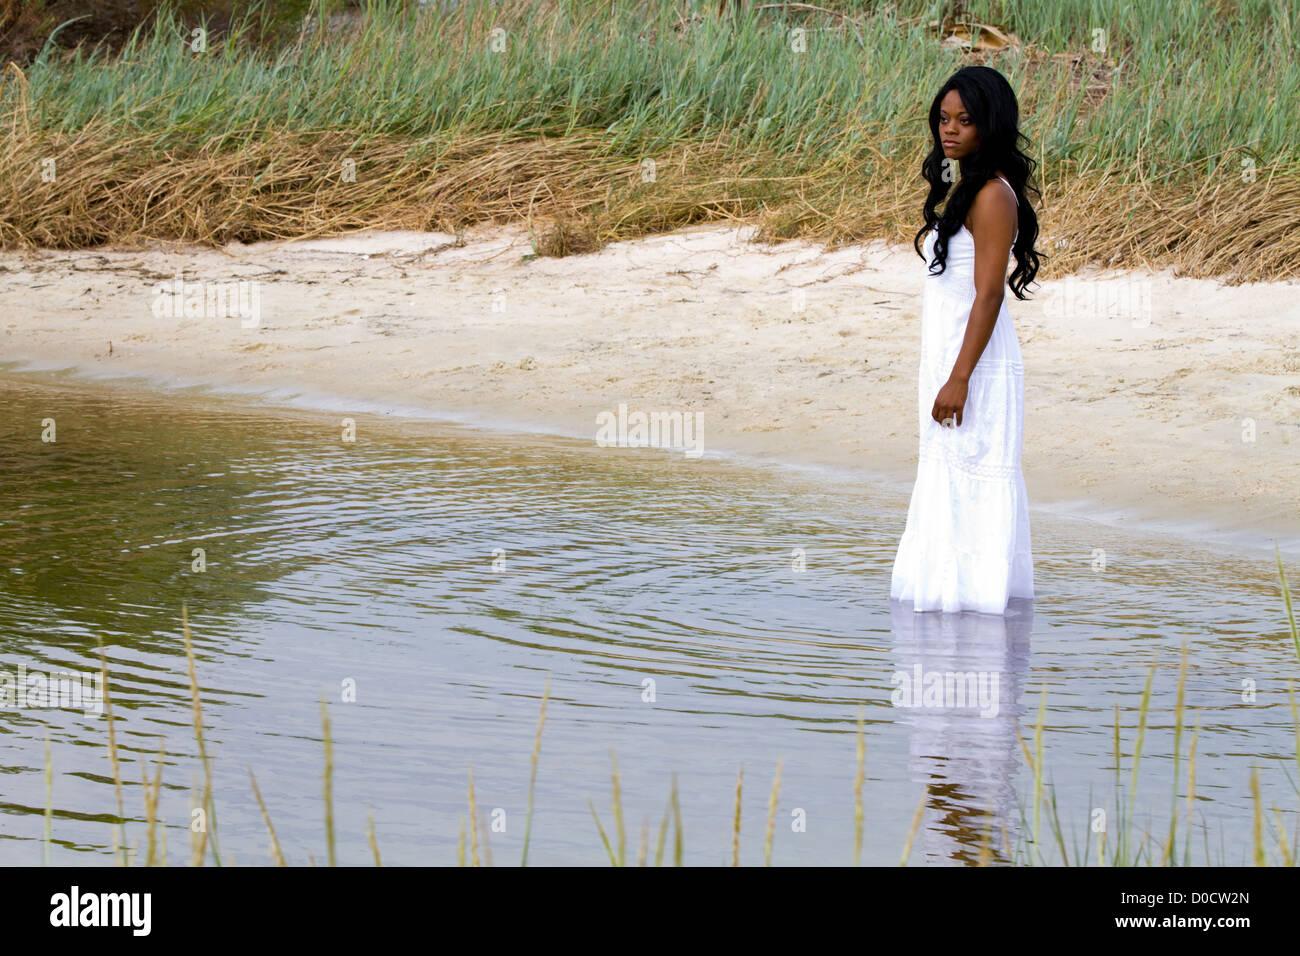 Lonely African American Woman est abattu dans une eau peu profonde avec un triste regard pensif sur son visage. Photo Stock